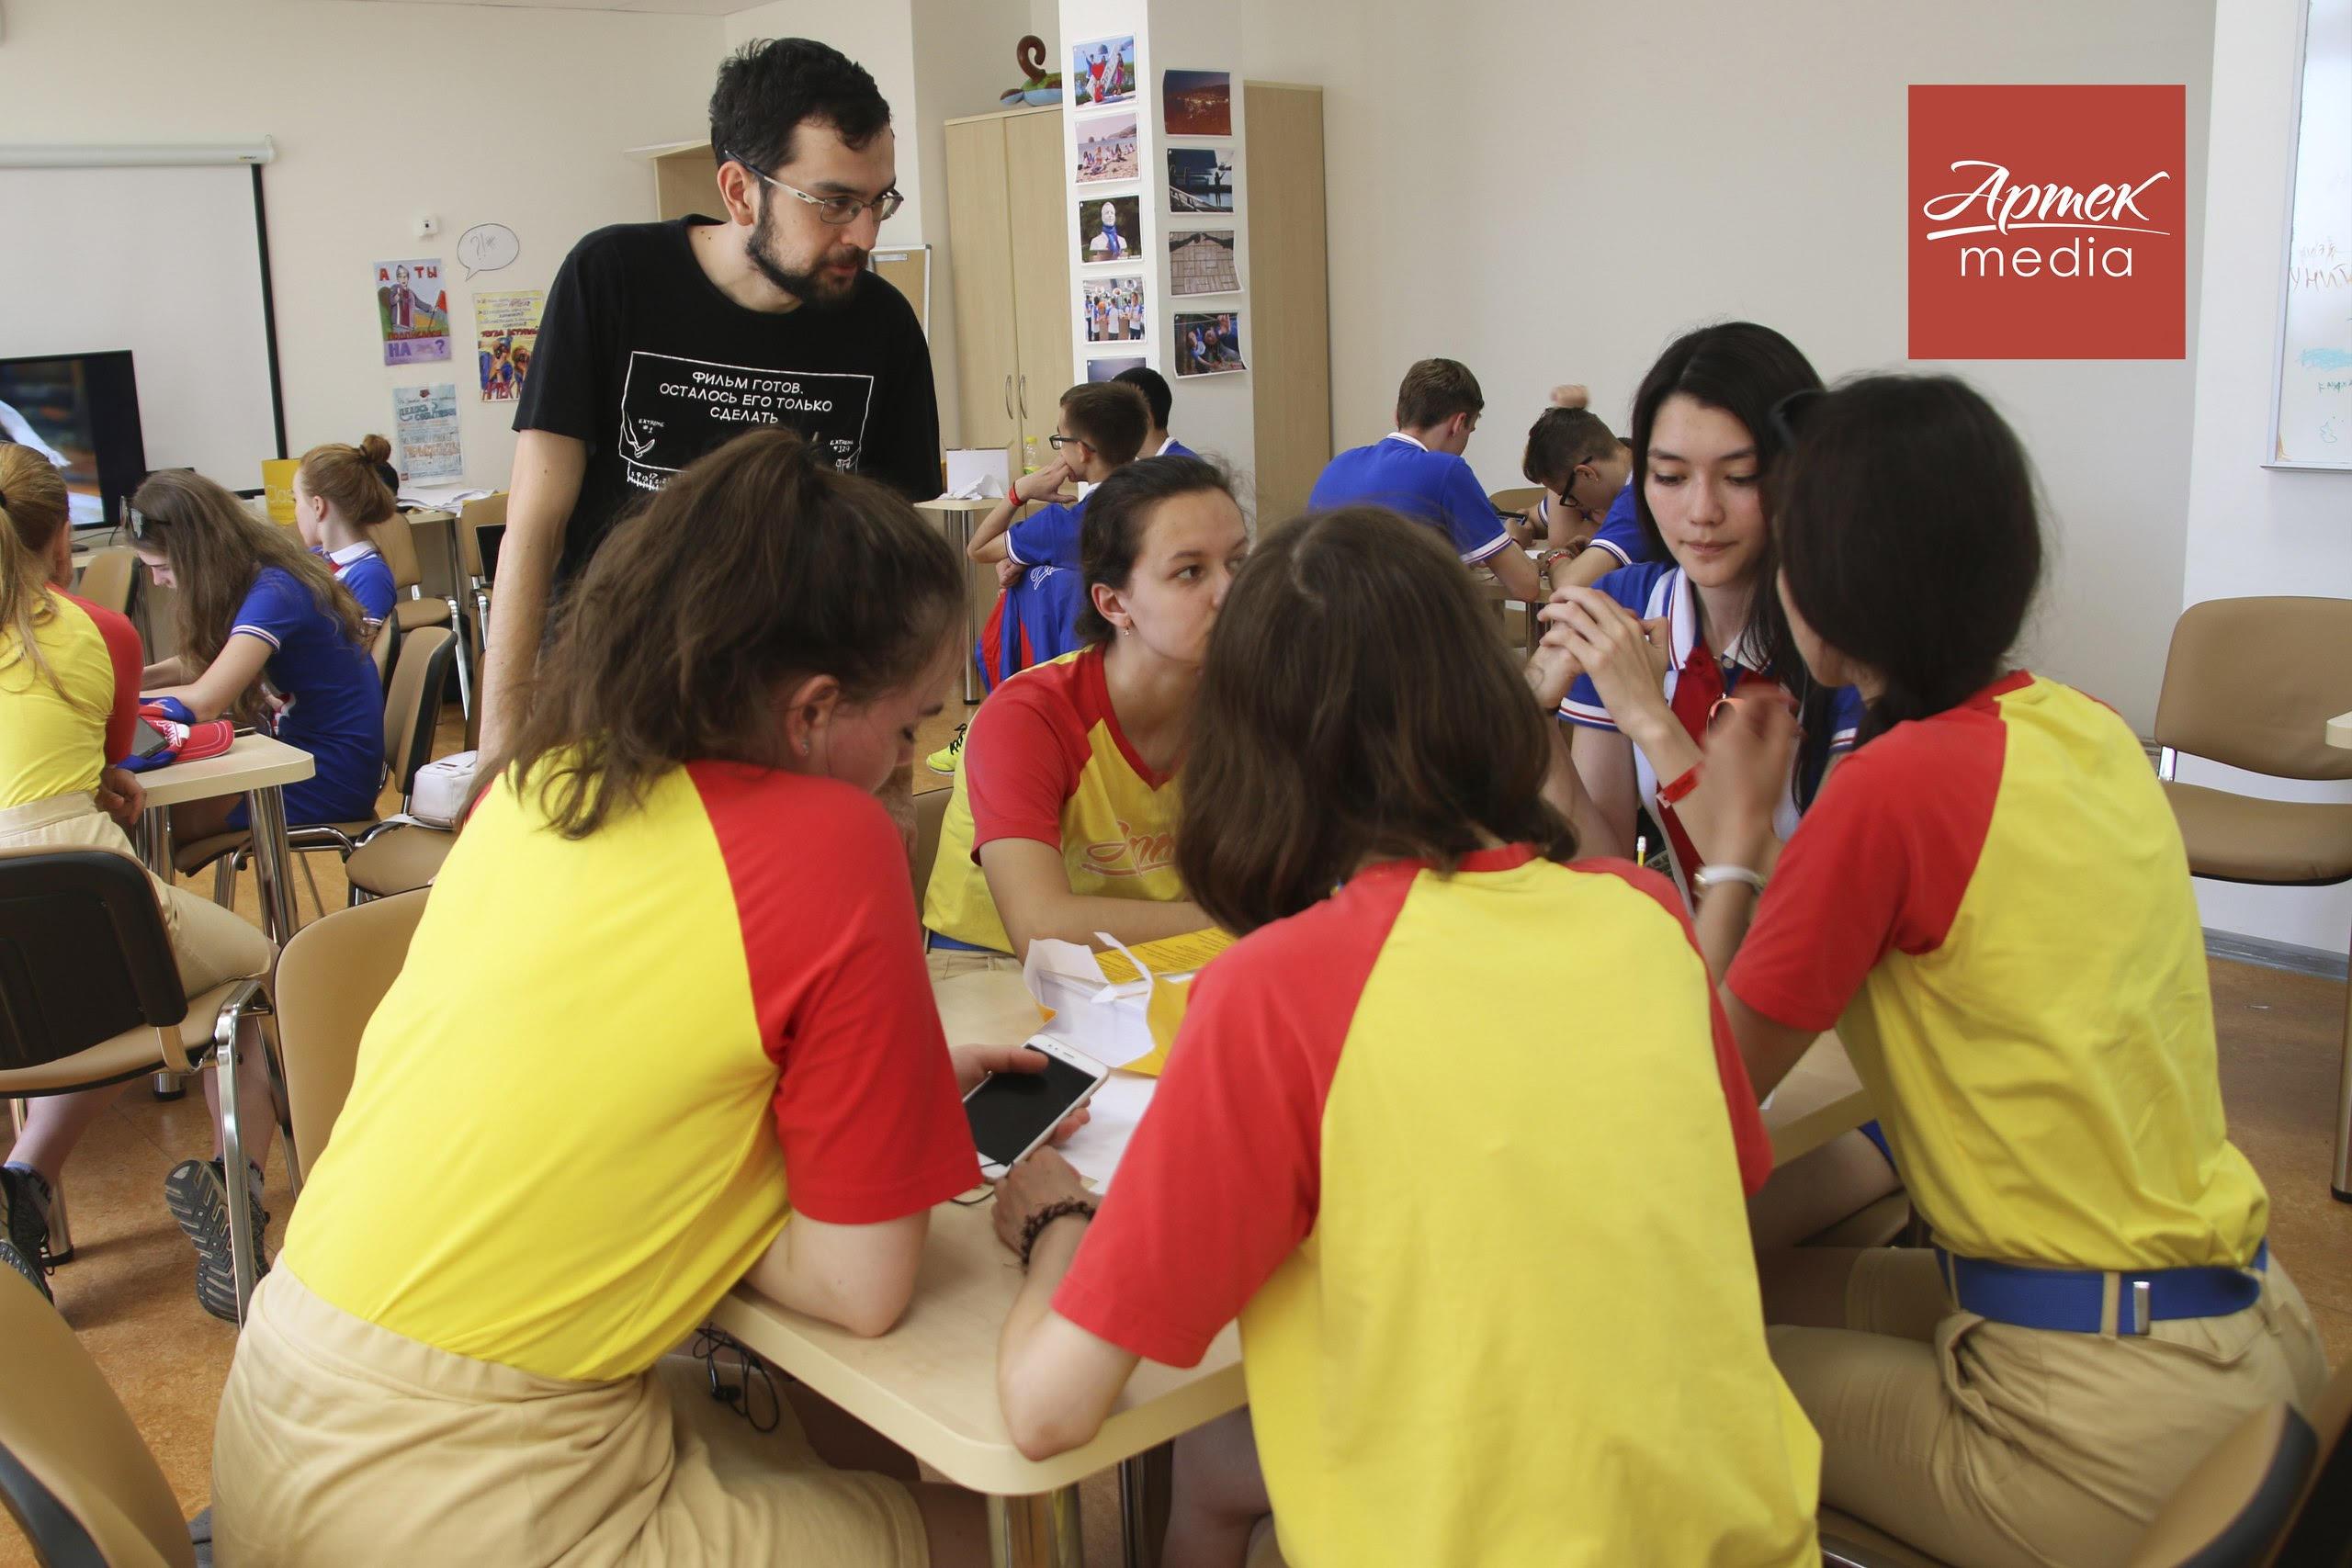 Весенние дни Аниматики прошли в Артеке с 14 по 28 мая при участим педагога Ассоциации анимационного кино